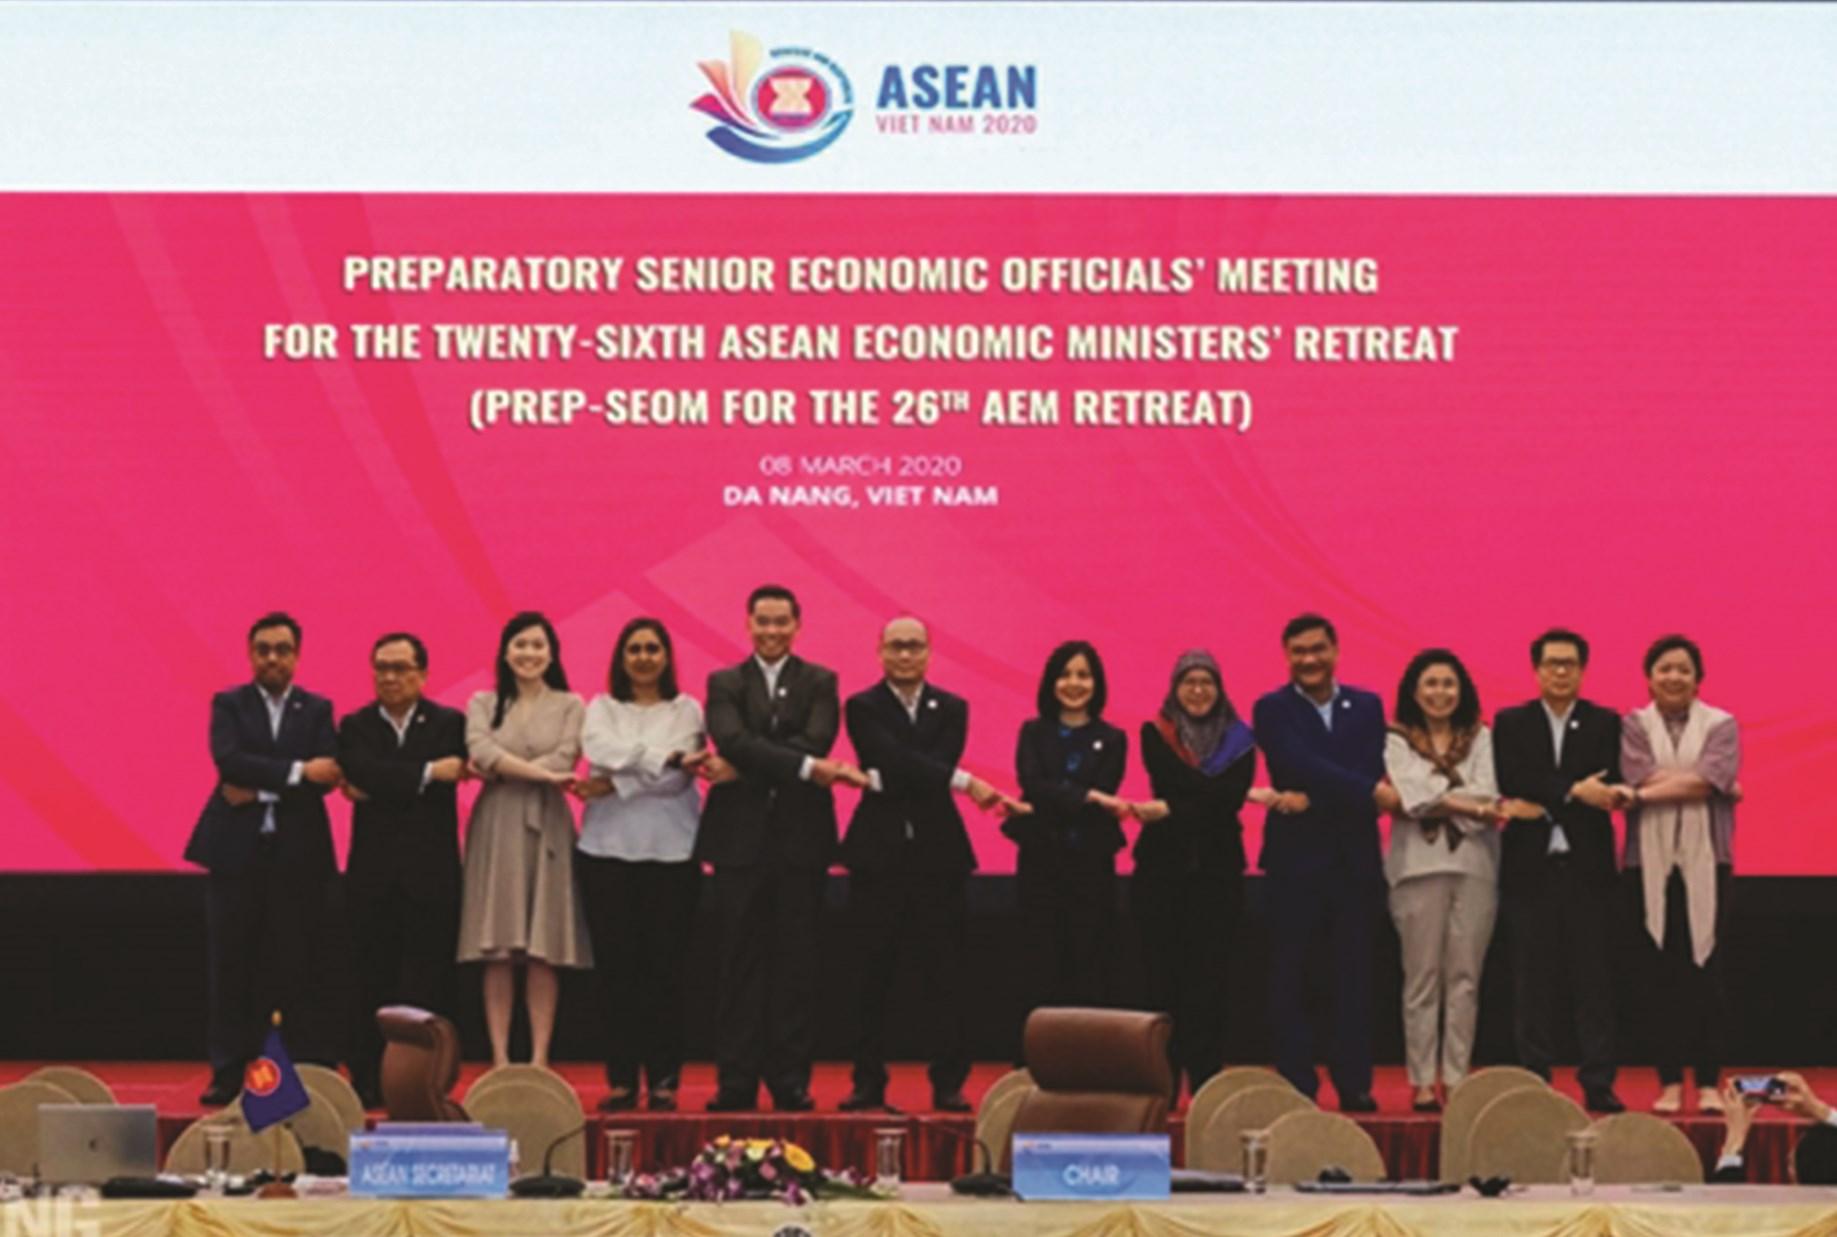 Các đại biểu tham dự phiên họp trù bị của các quan chức Kinh tế Cao cấp ASEAN.